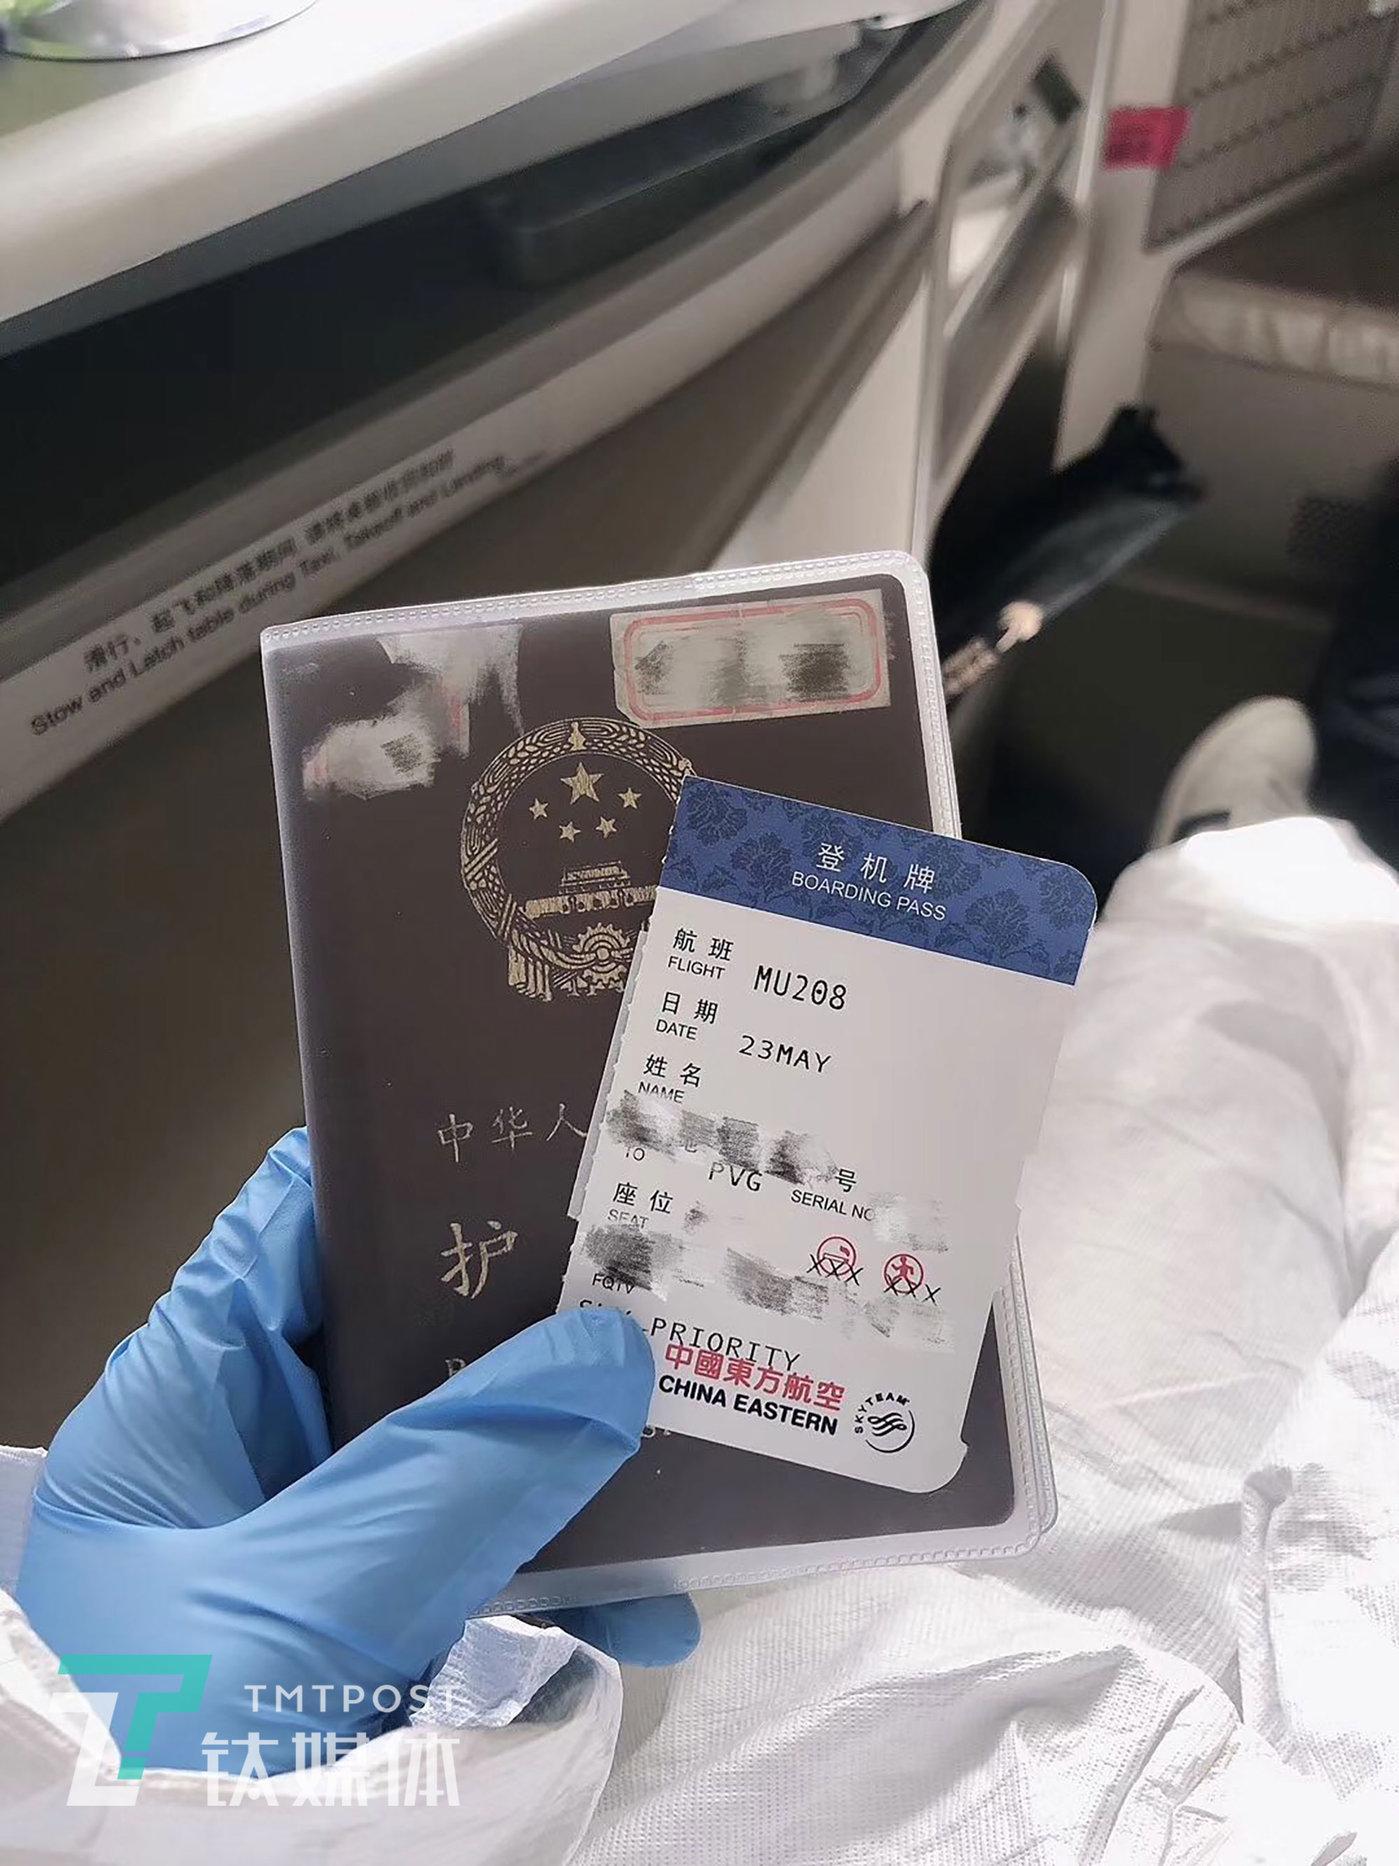 刷票2个多月后,登上东航多伦多飞往上海的航班,拍下辛苦得来的登机卡,留作纪念。